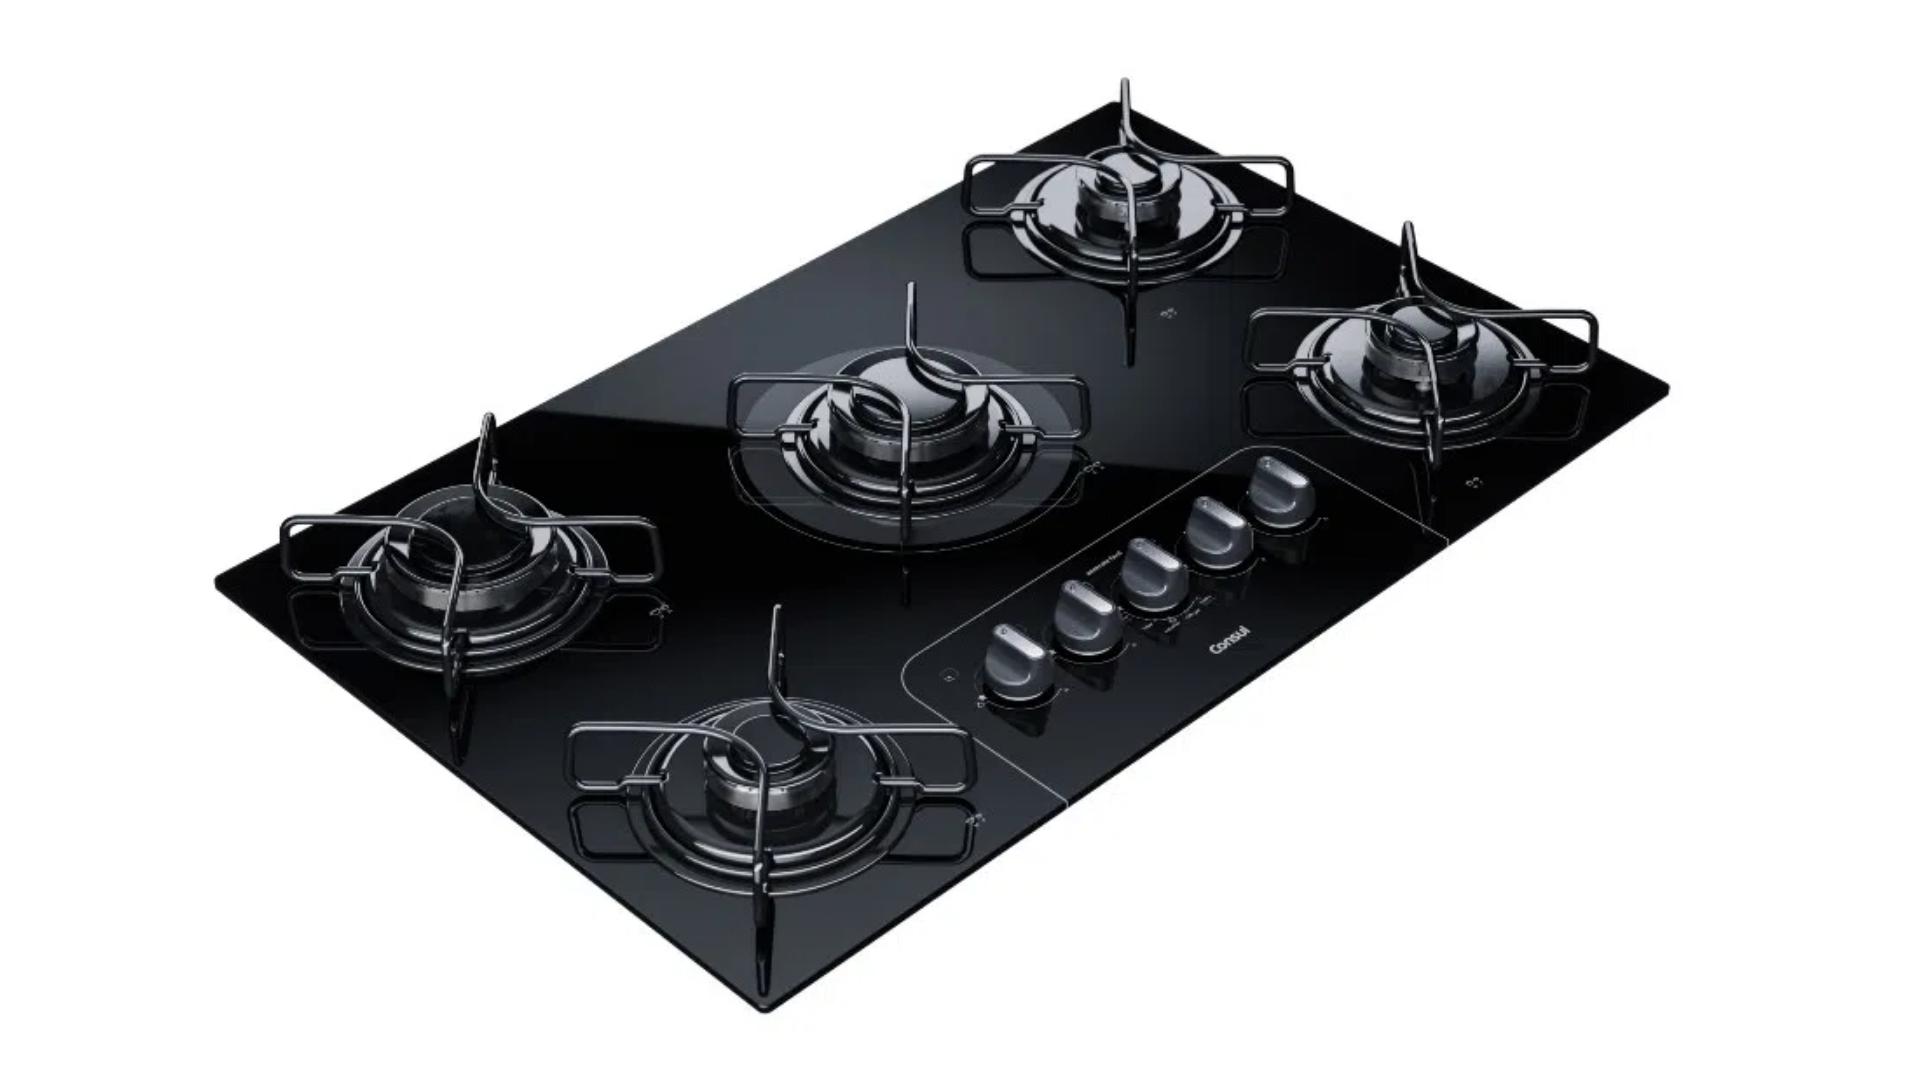 Os cooktops à gás funcionam como os fogões tradicionais, porém não dispõem de forno. (Imagem: Divulgação/Consul)